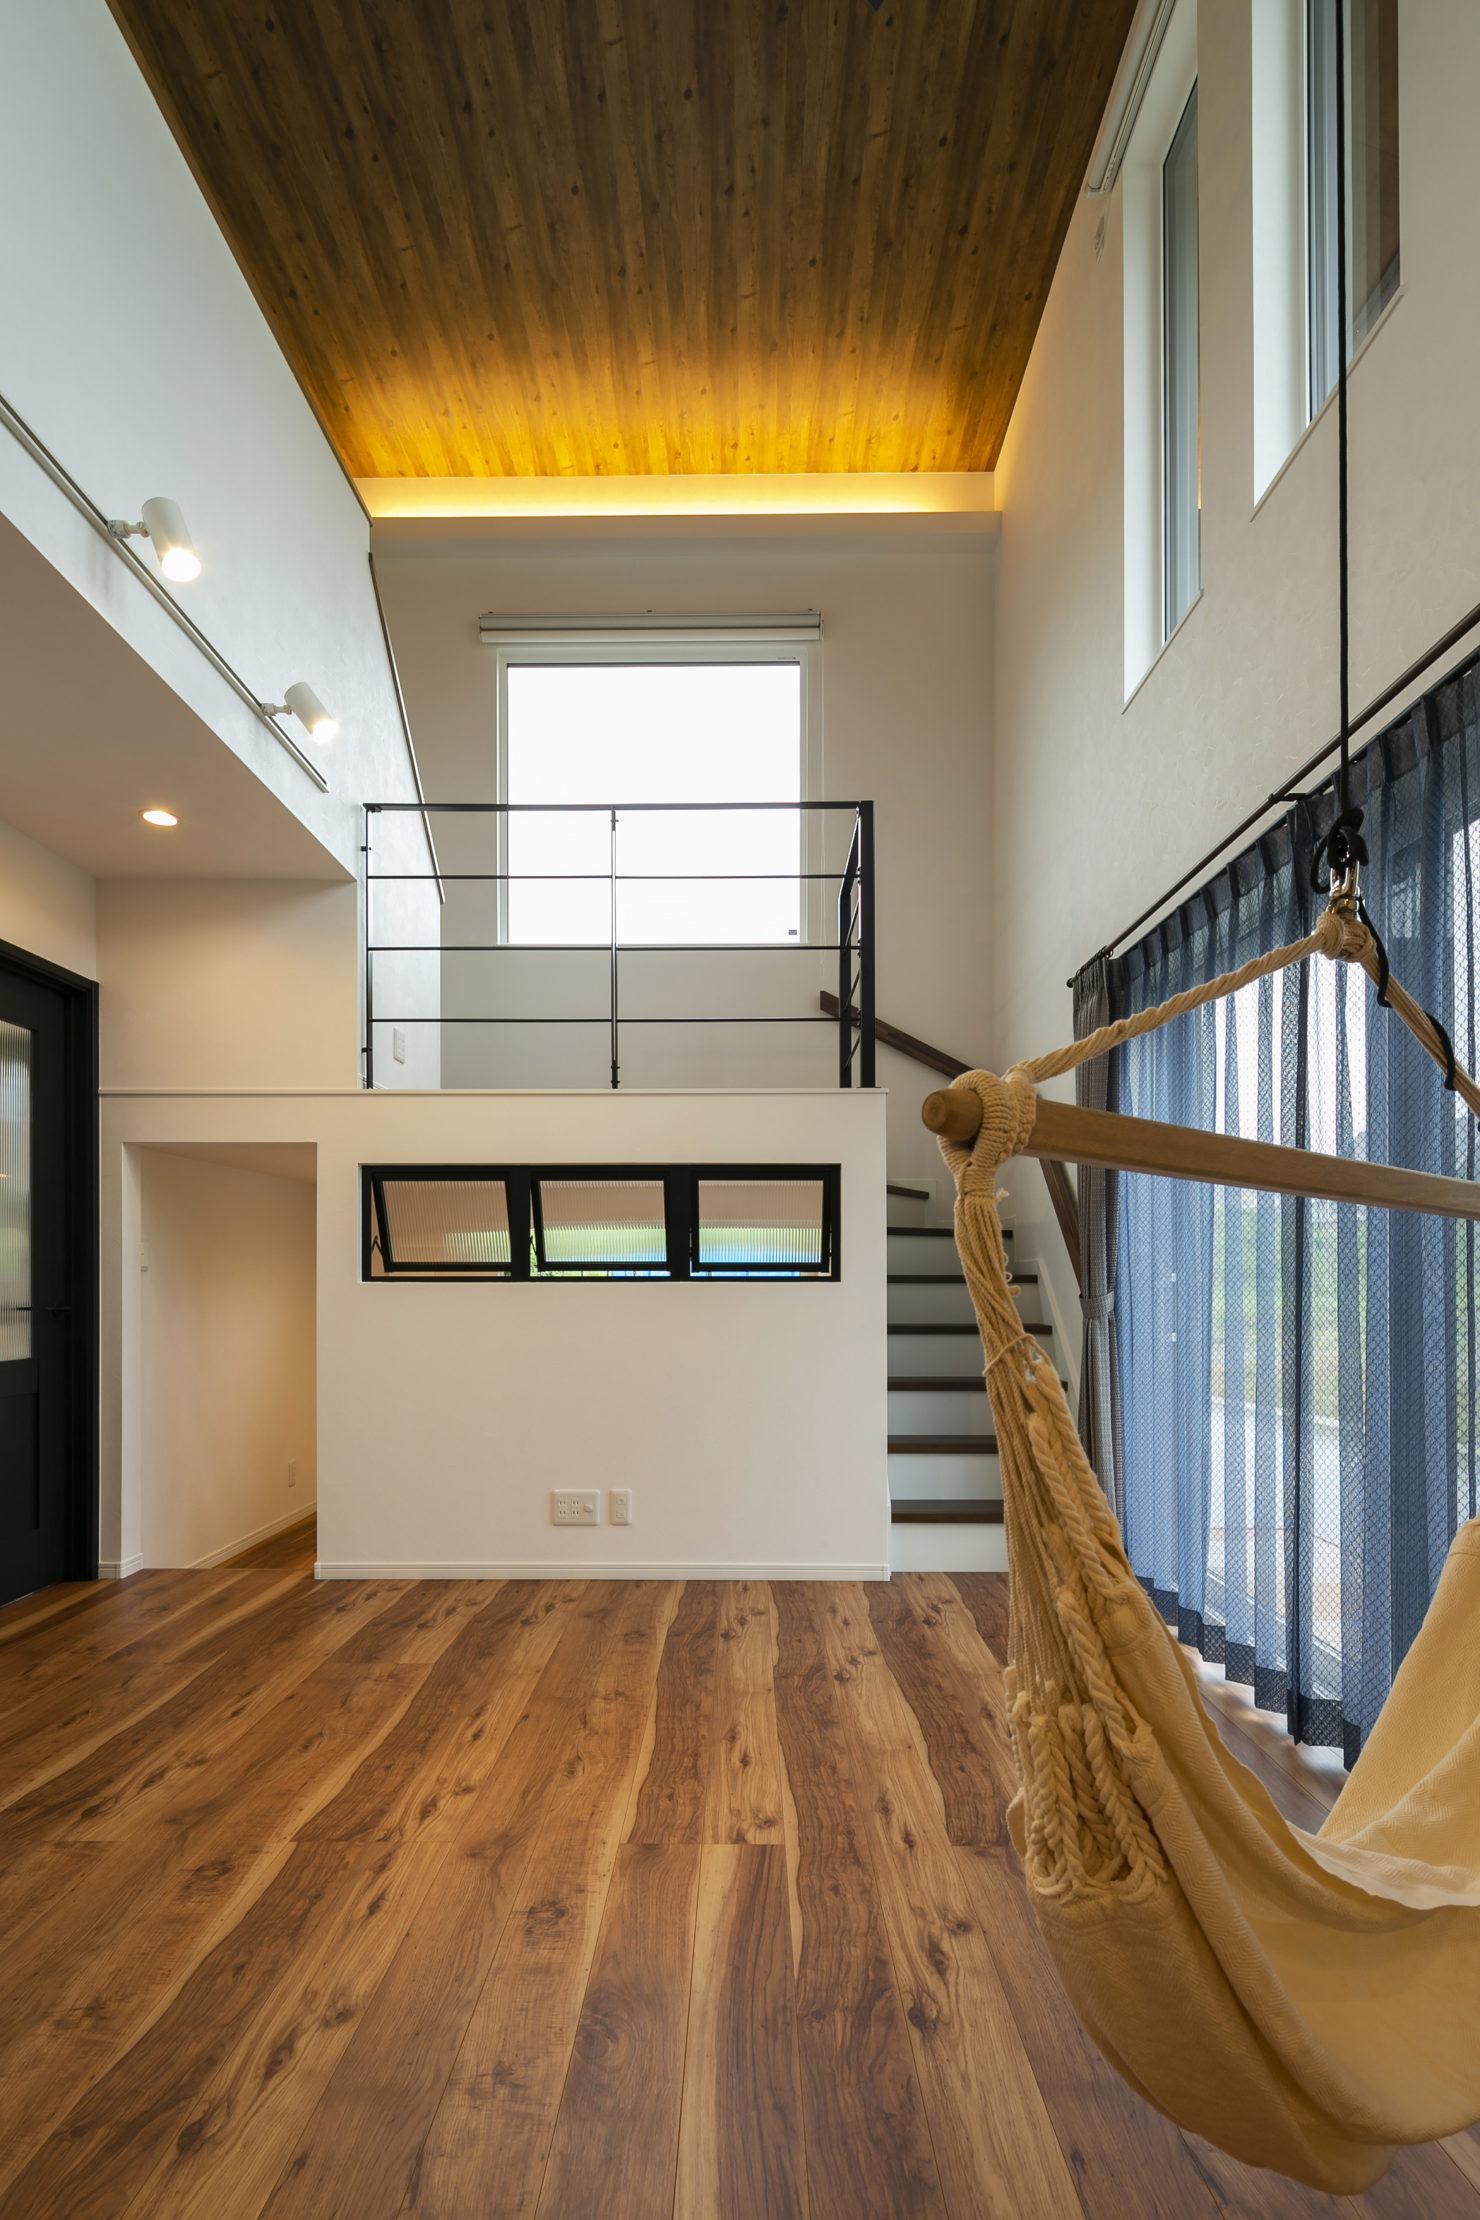 ハウスM21「実用的なオールラウンド動線と中二階などの面白い・楽しい空間」スキップフロア写真